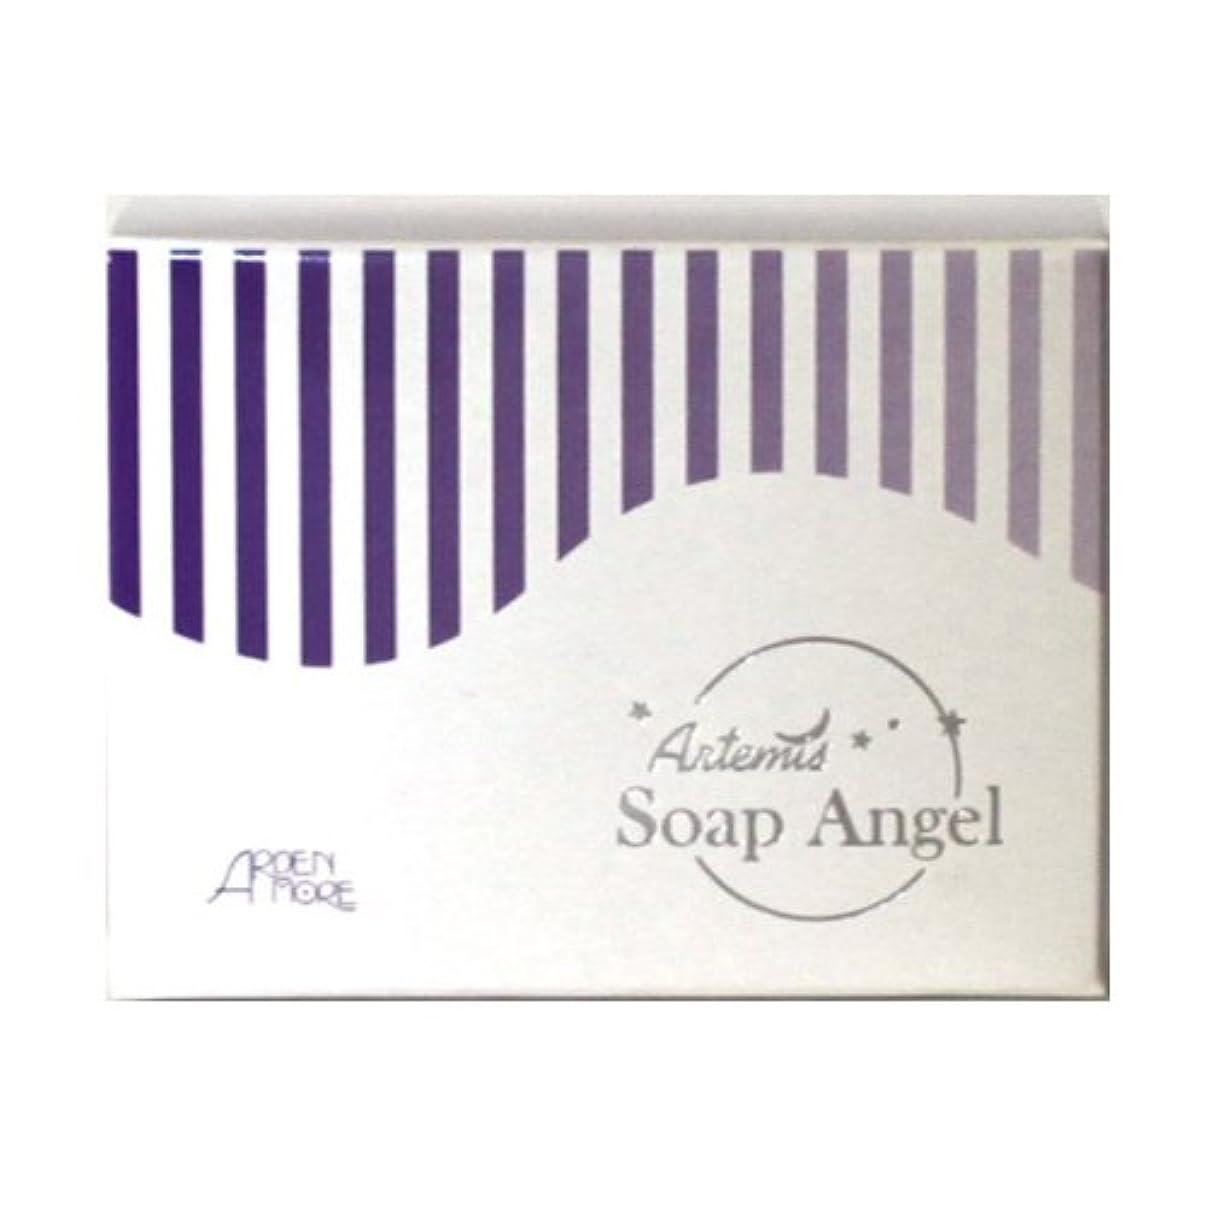 アーテミス ソープ エンジェル 洗うだけでお肌が変わっていくのを感じる石鹸